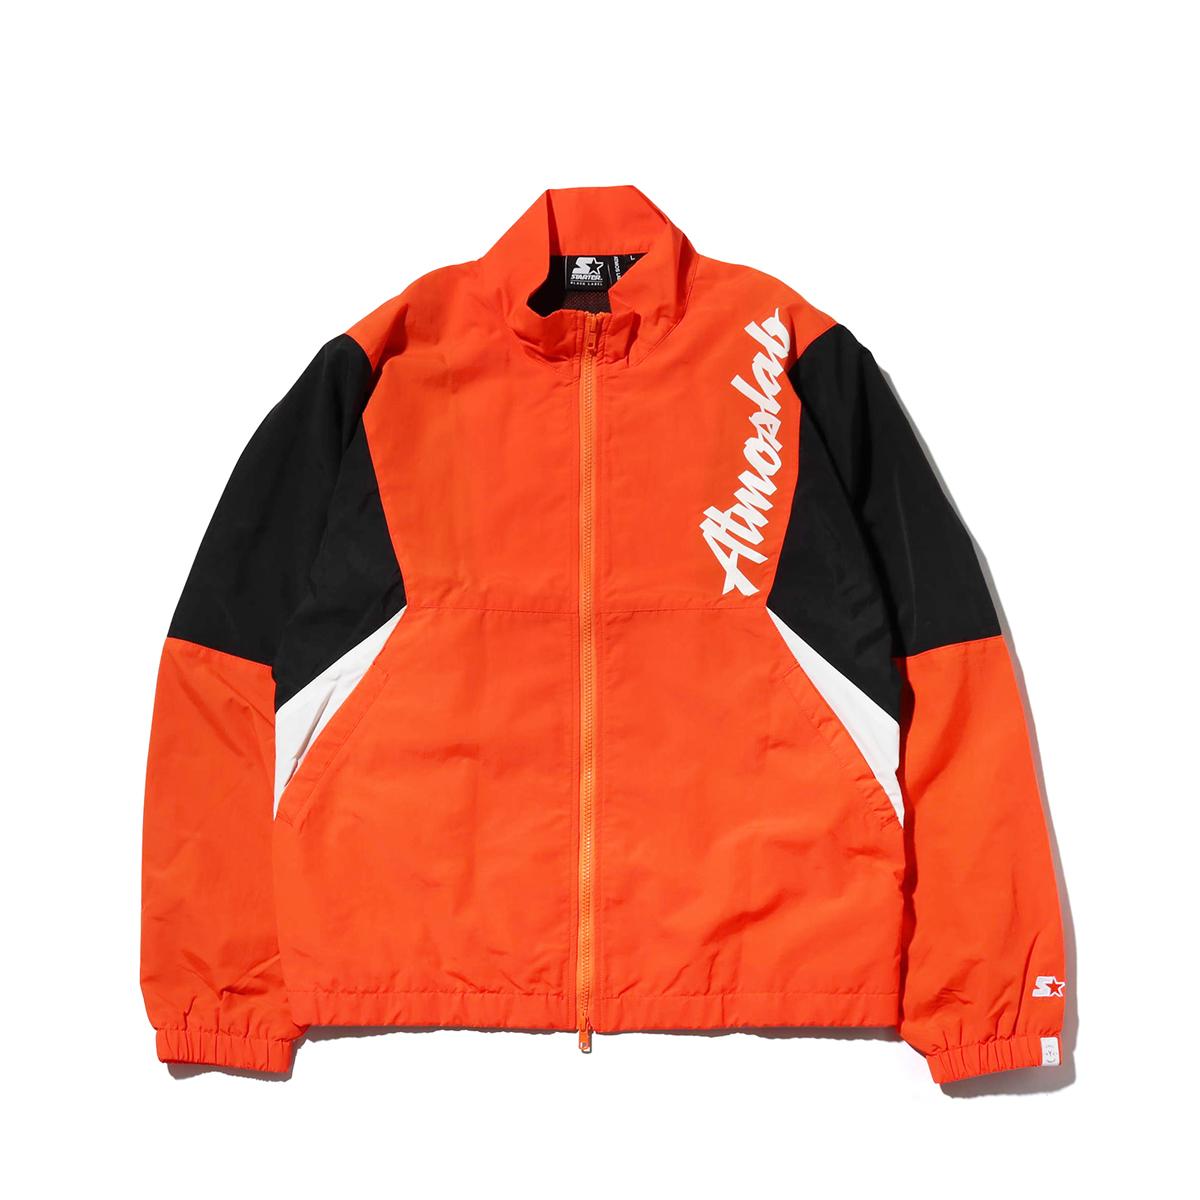 STARTER BLACK LABEL x ATMOS LAB TRACK JACKET(スターター ブラックレーベル アトモスラボ トラック ジャケット)orange【メンズ ジャケット】18FW-S